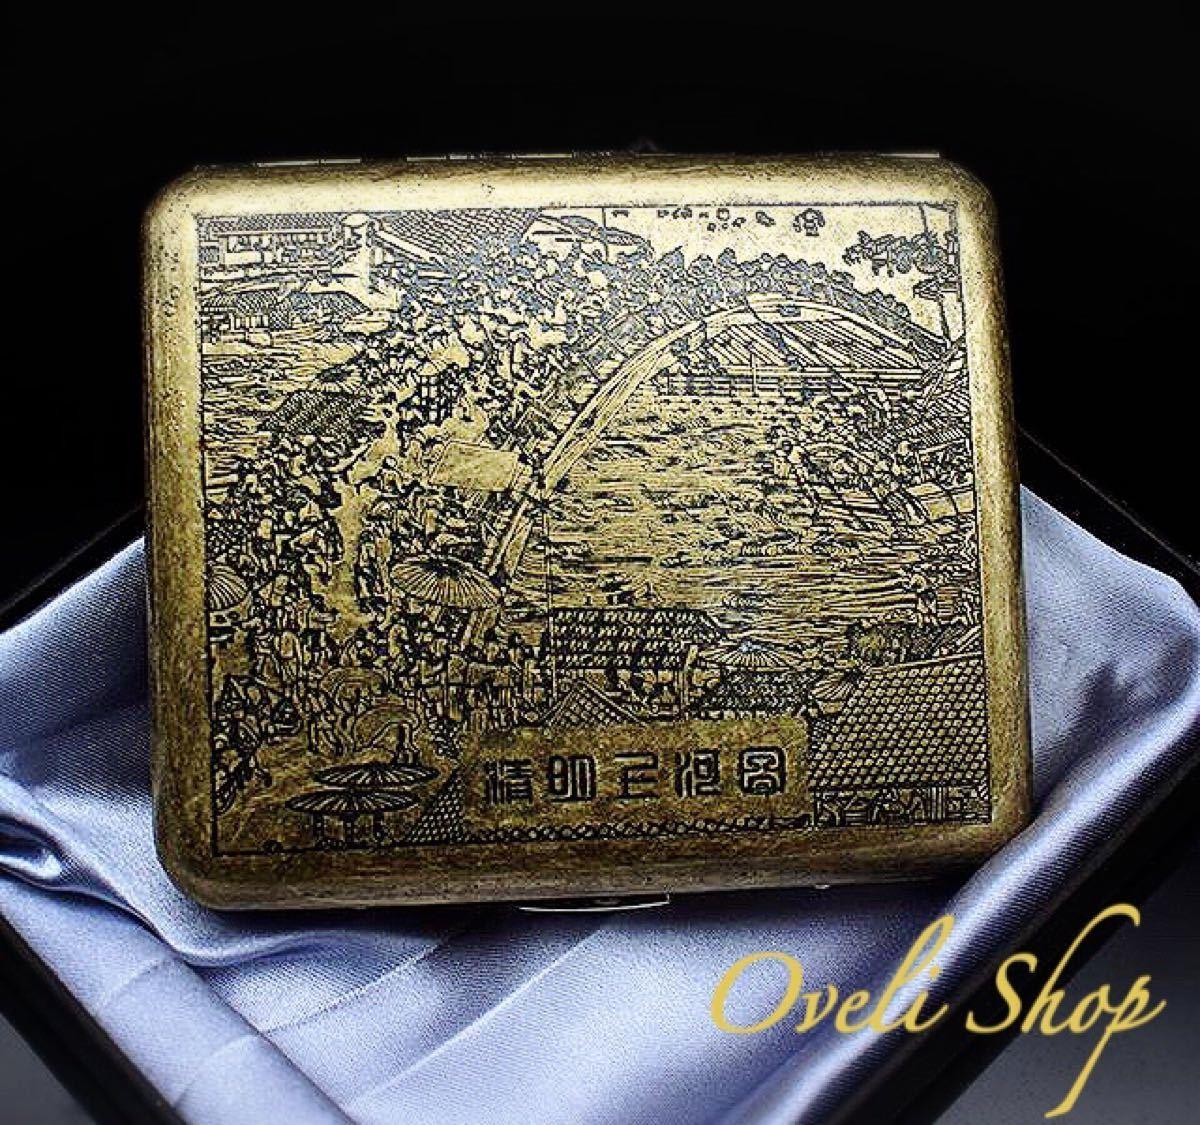 【海外限定】タバコケース 20本収納 浮世絵 和風 ゴールド